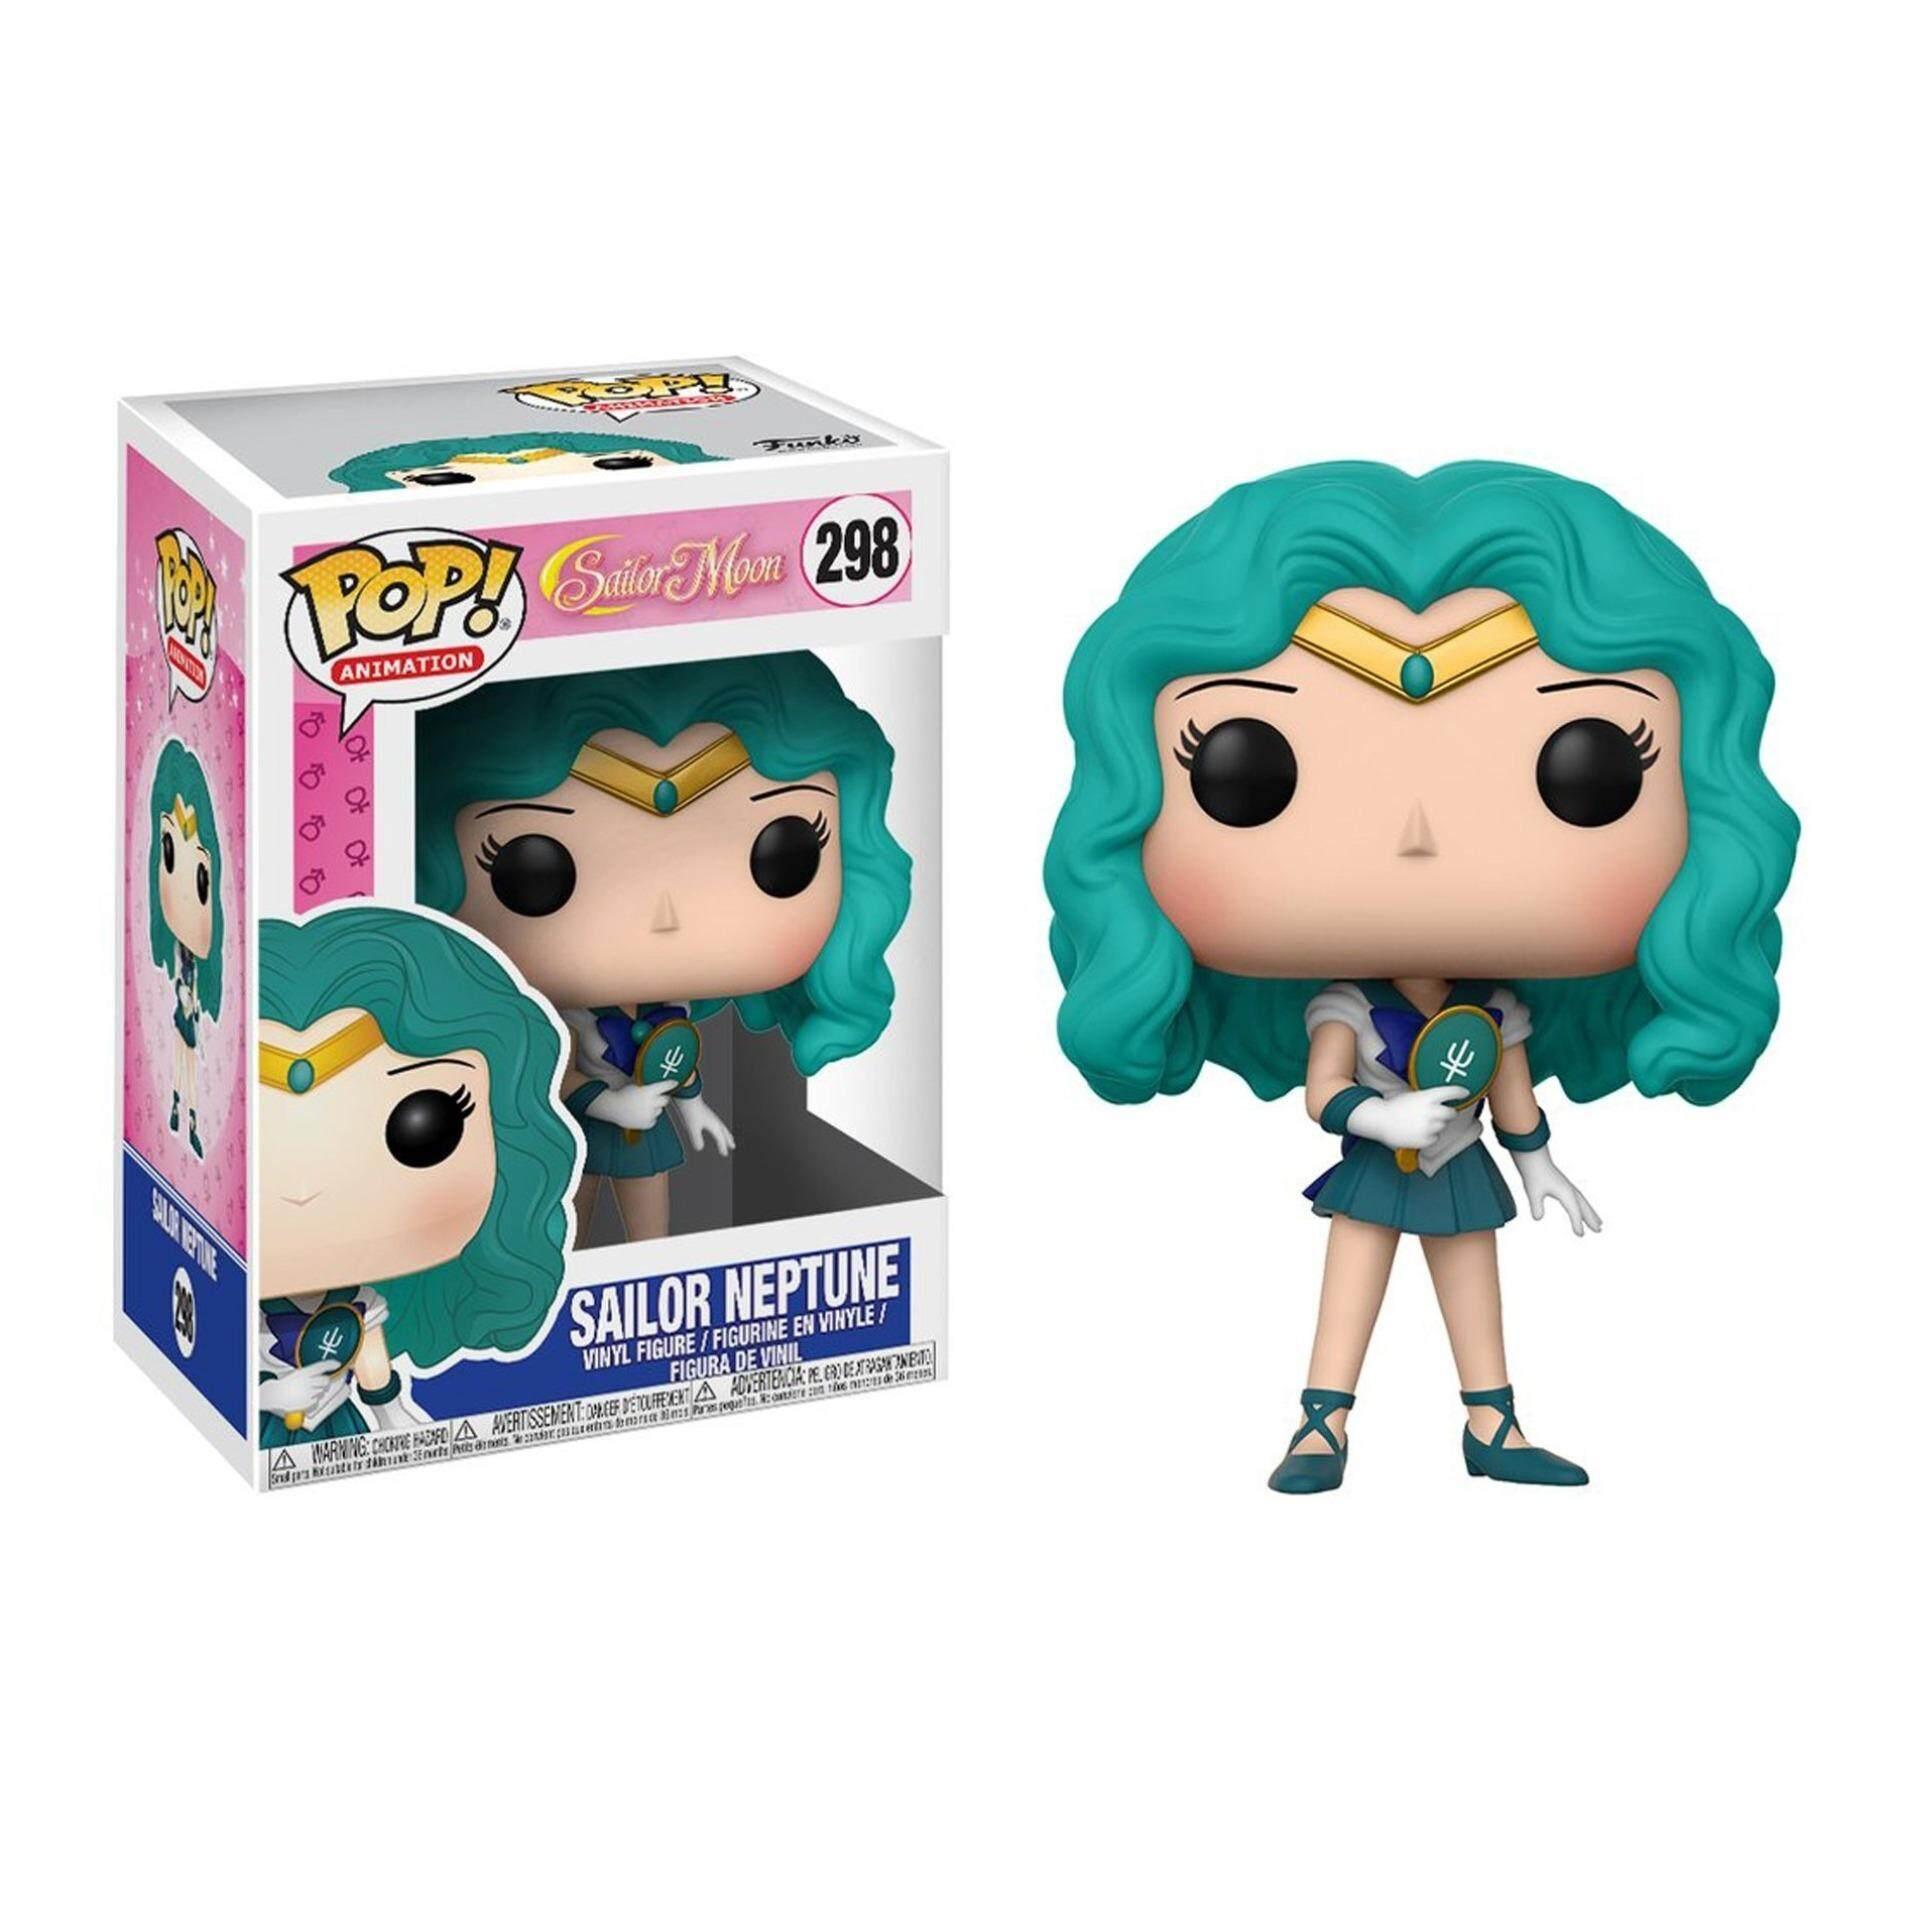 FUNKO POP! Animation Sailor Moon - Sailor Neptune Toys for boys